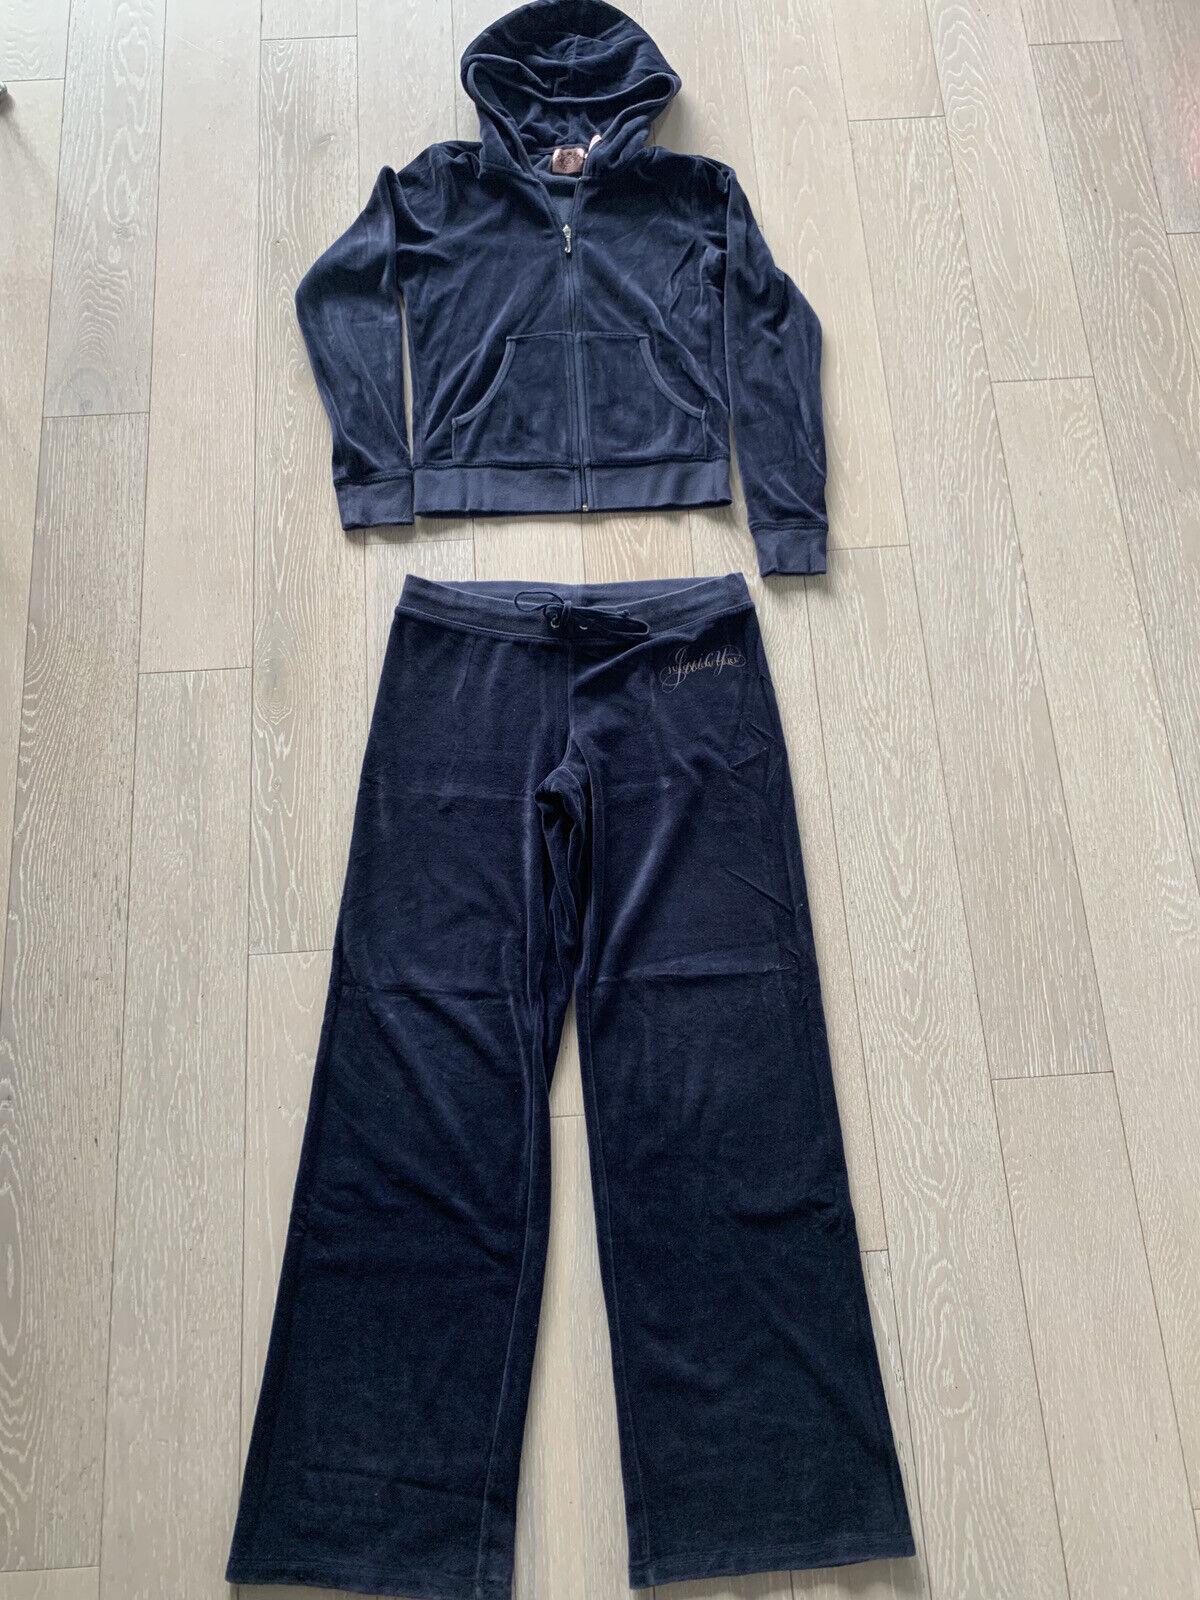 Juicy Couture Mosaic Velour Tracksuit Dark Plum Hoodie Pant Medium For Sale Online Ebay